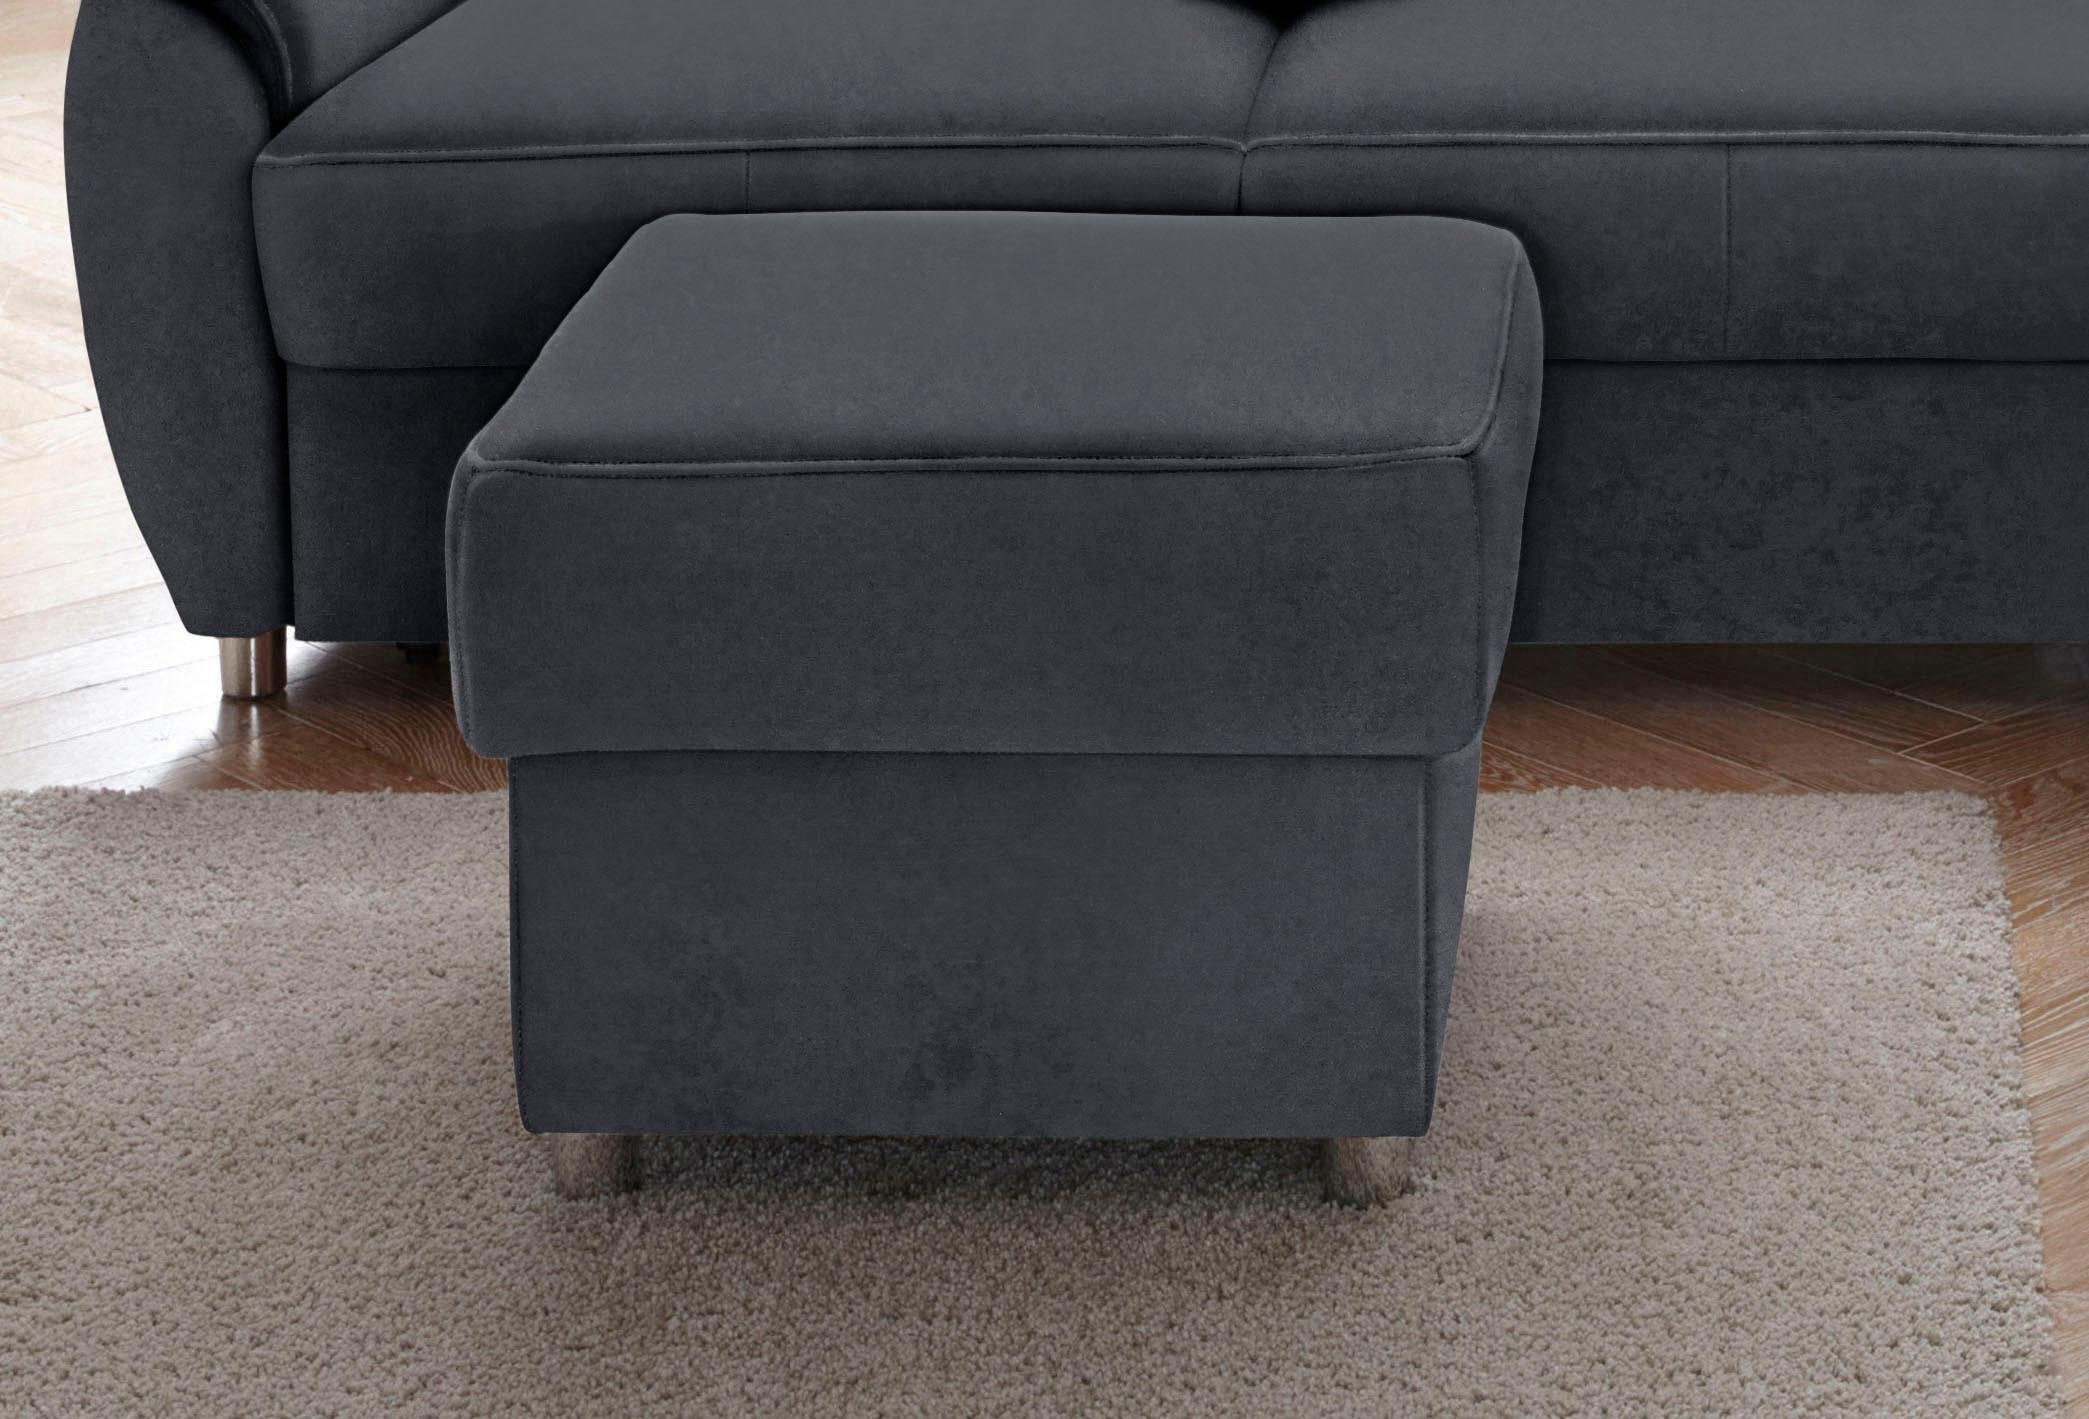 sit&more Hocker, mit Stauraumfach Preisvergleich